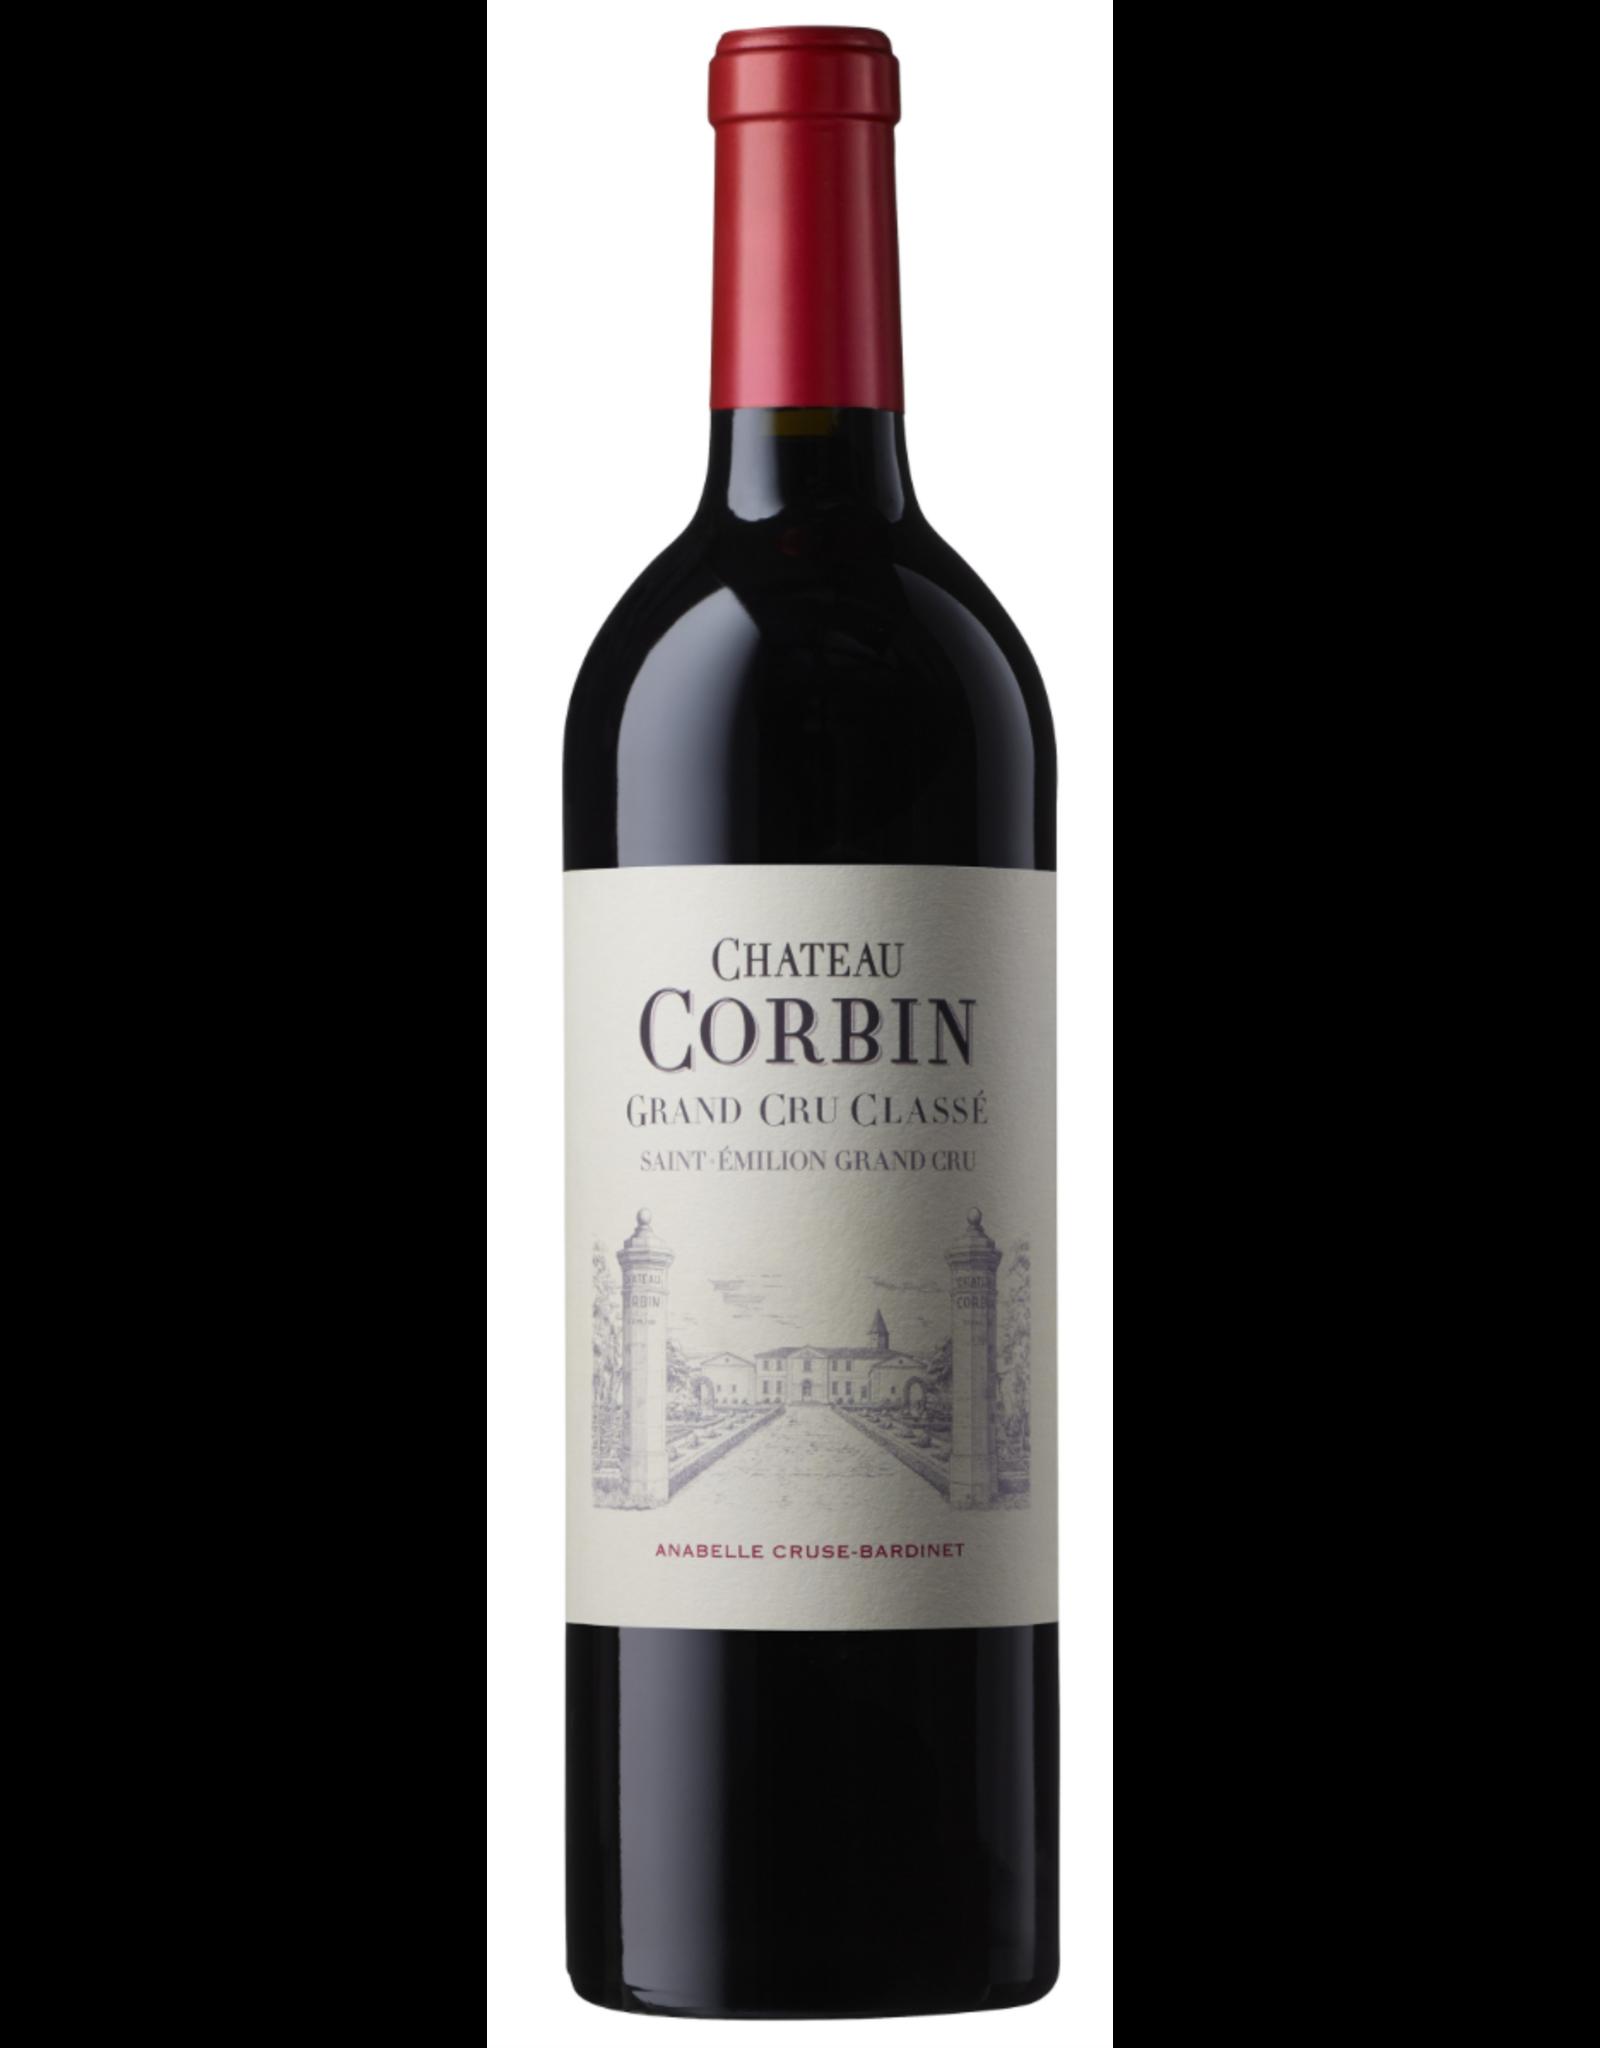 Château Corbin Château Corbin 2016 - St.Emilion